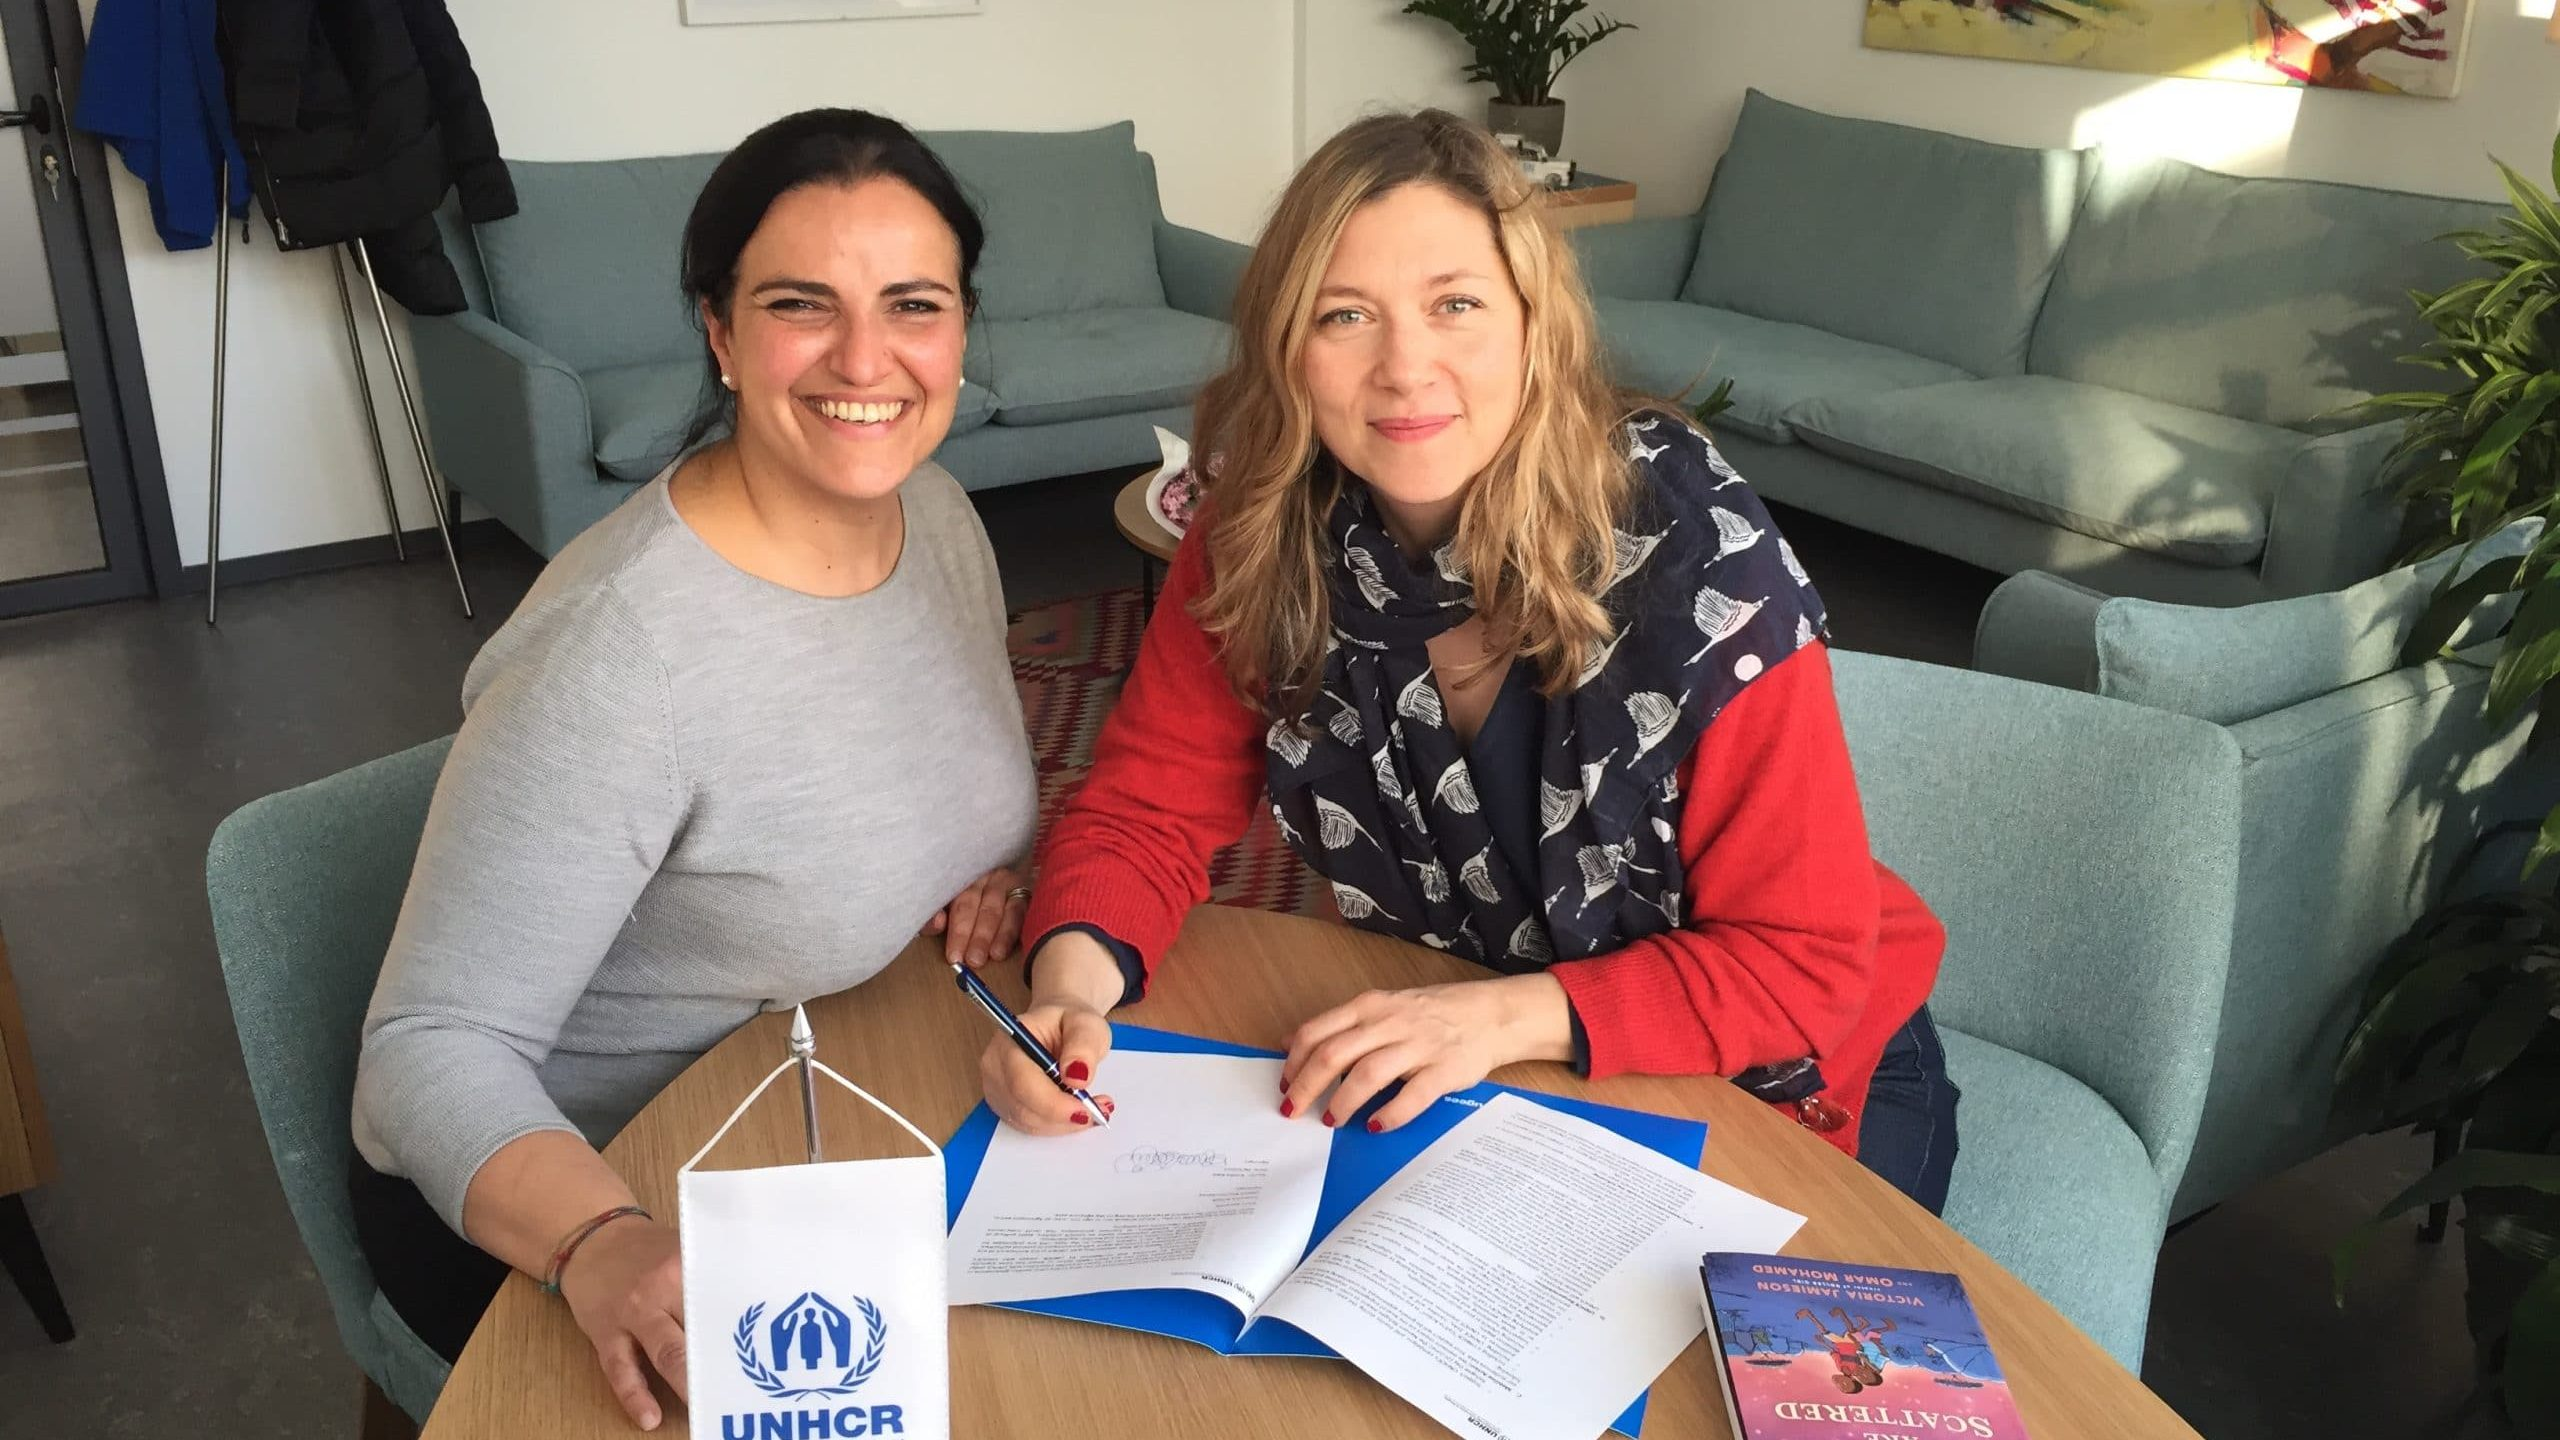 Branka Katić podržava rad UNHCR na pomoći izbeglicama u Srbiji 1